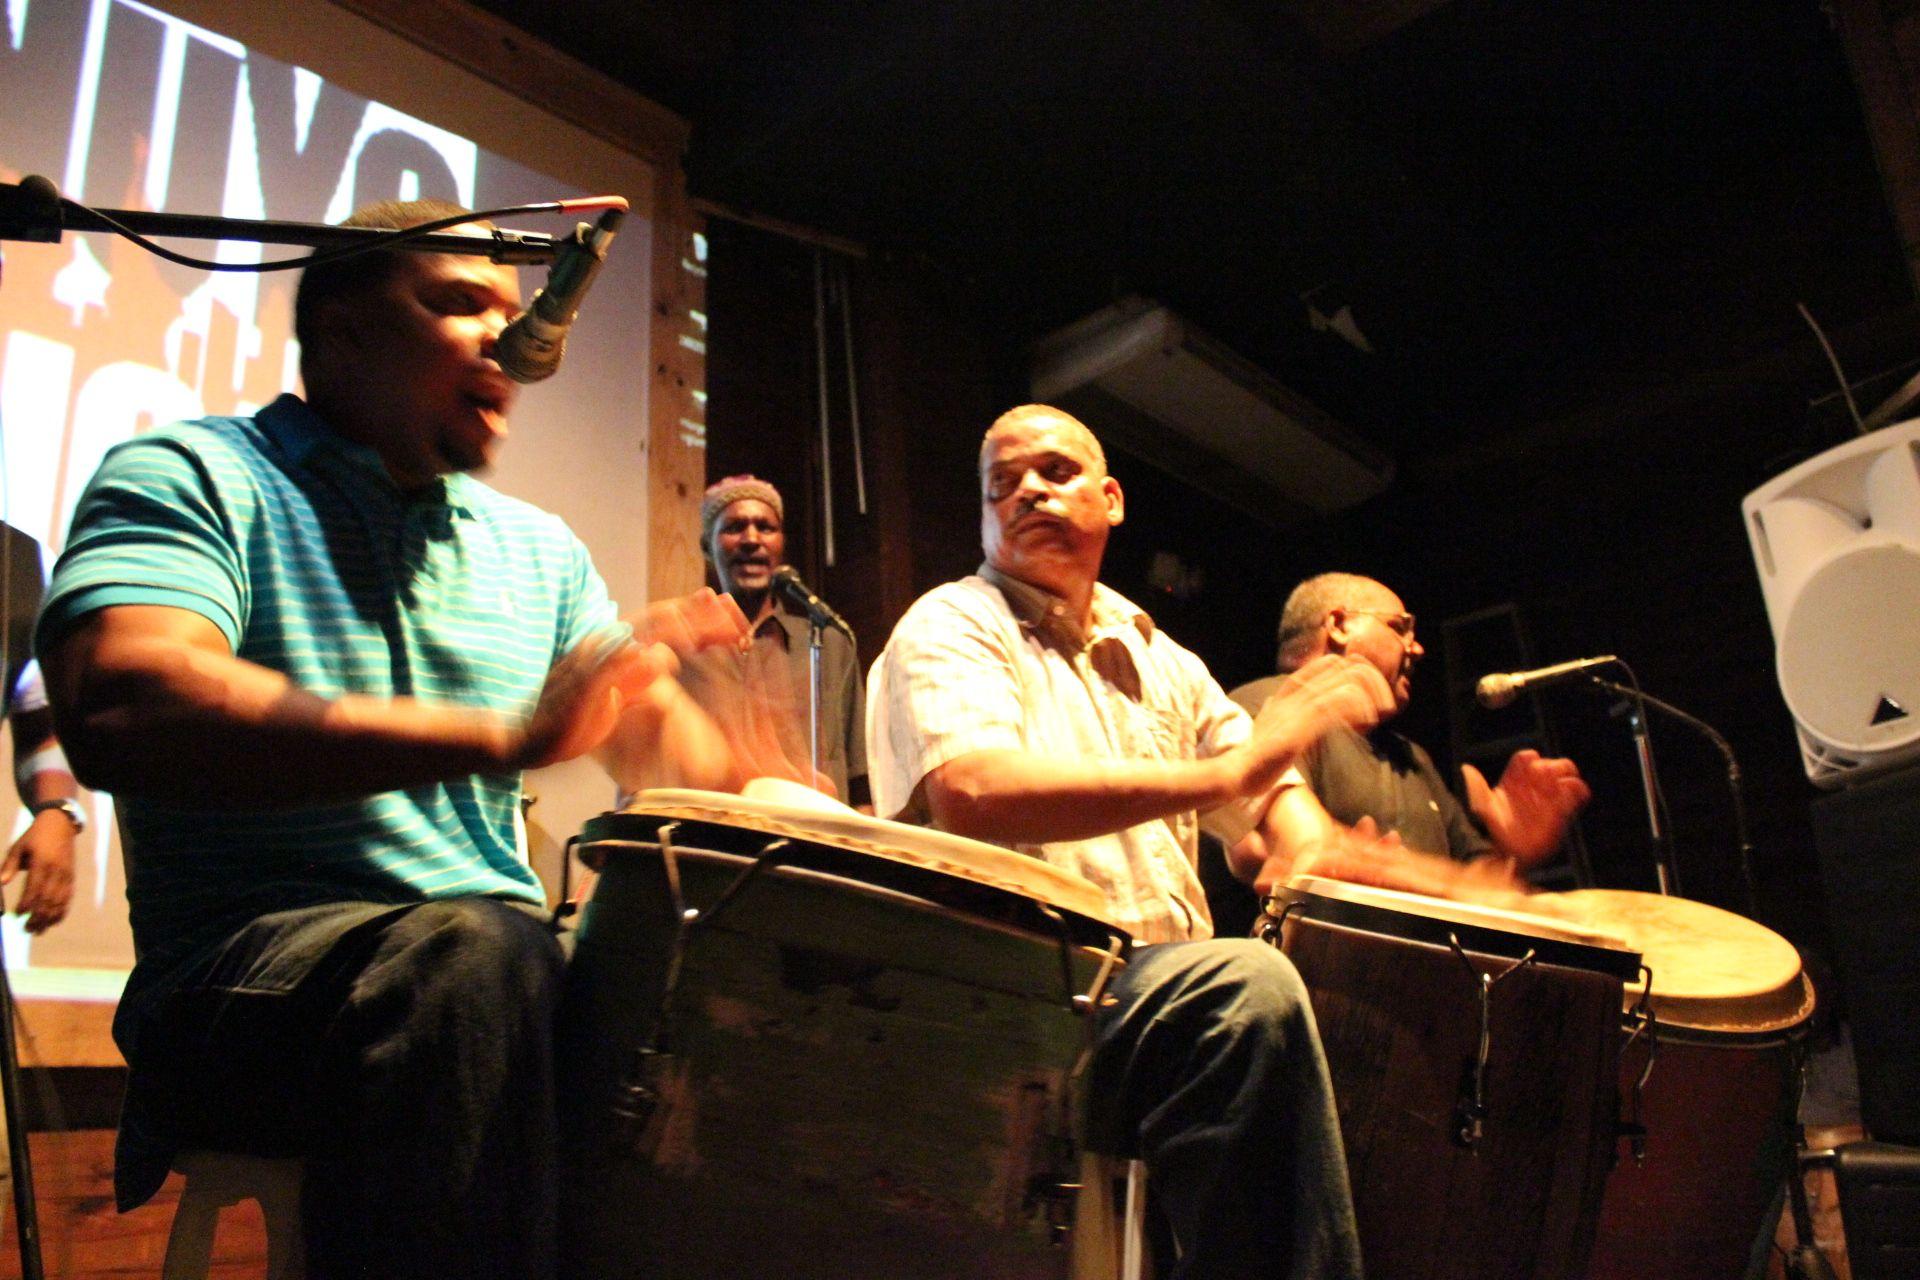 Los Seis del Barrio at the Nuyorican Cafe in Old San Juan, Puerto Rico - bomba y plena  (photo credit - Mickela Mallozzi ©2012)